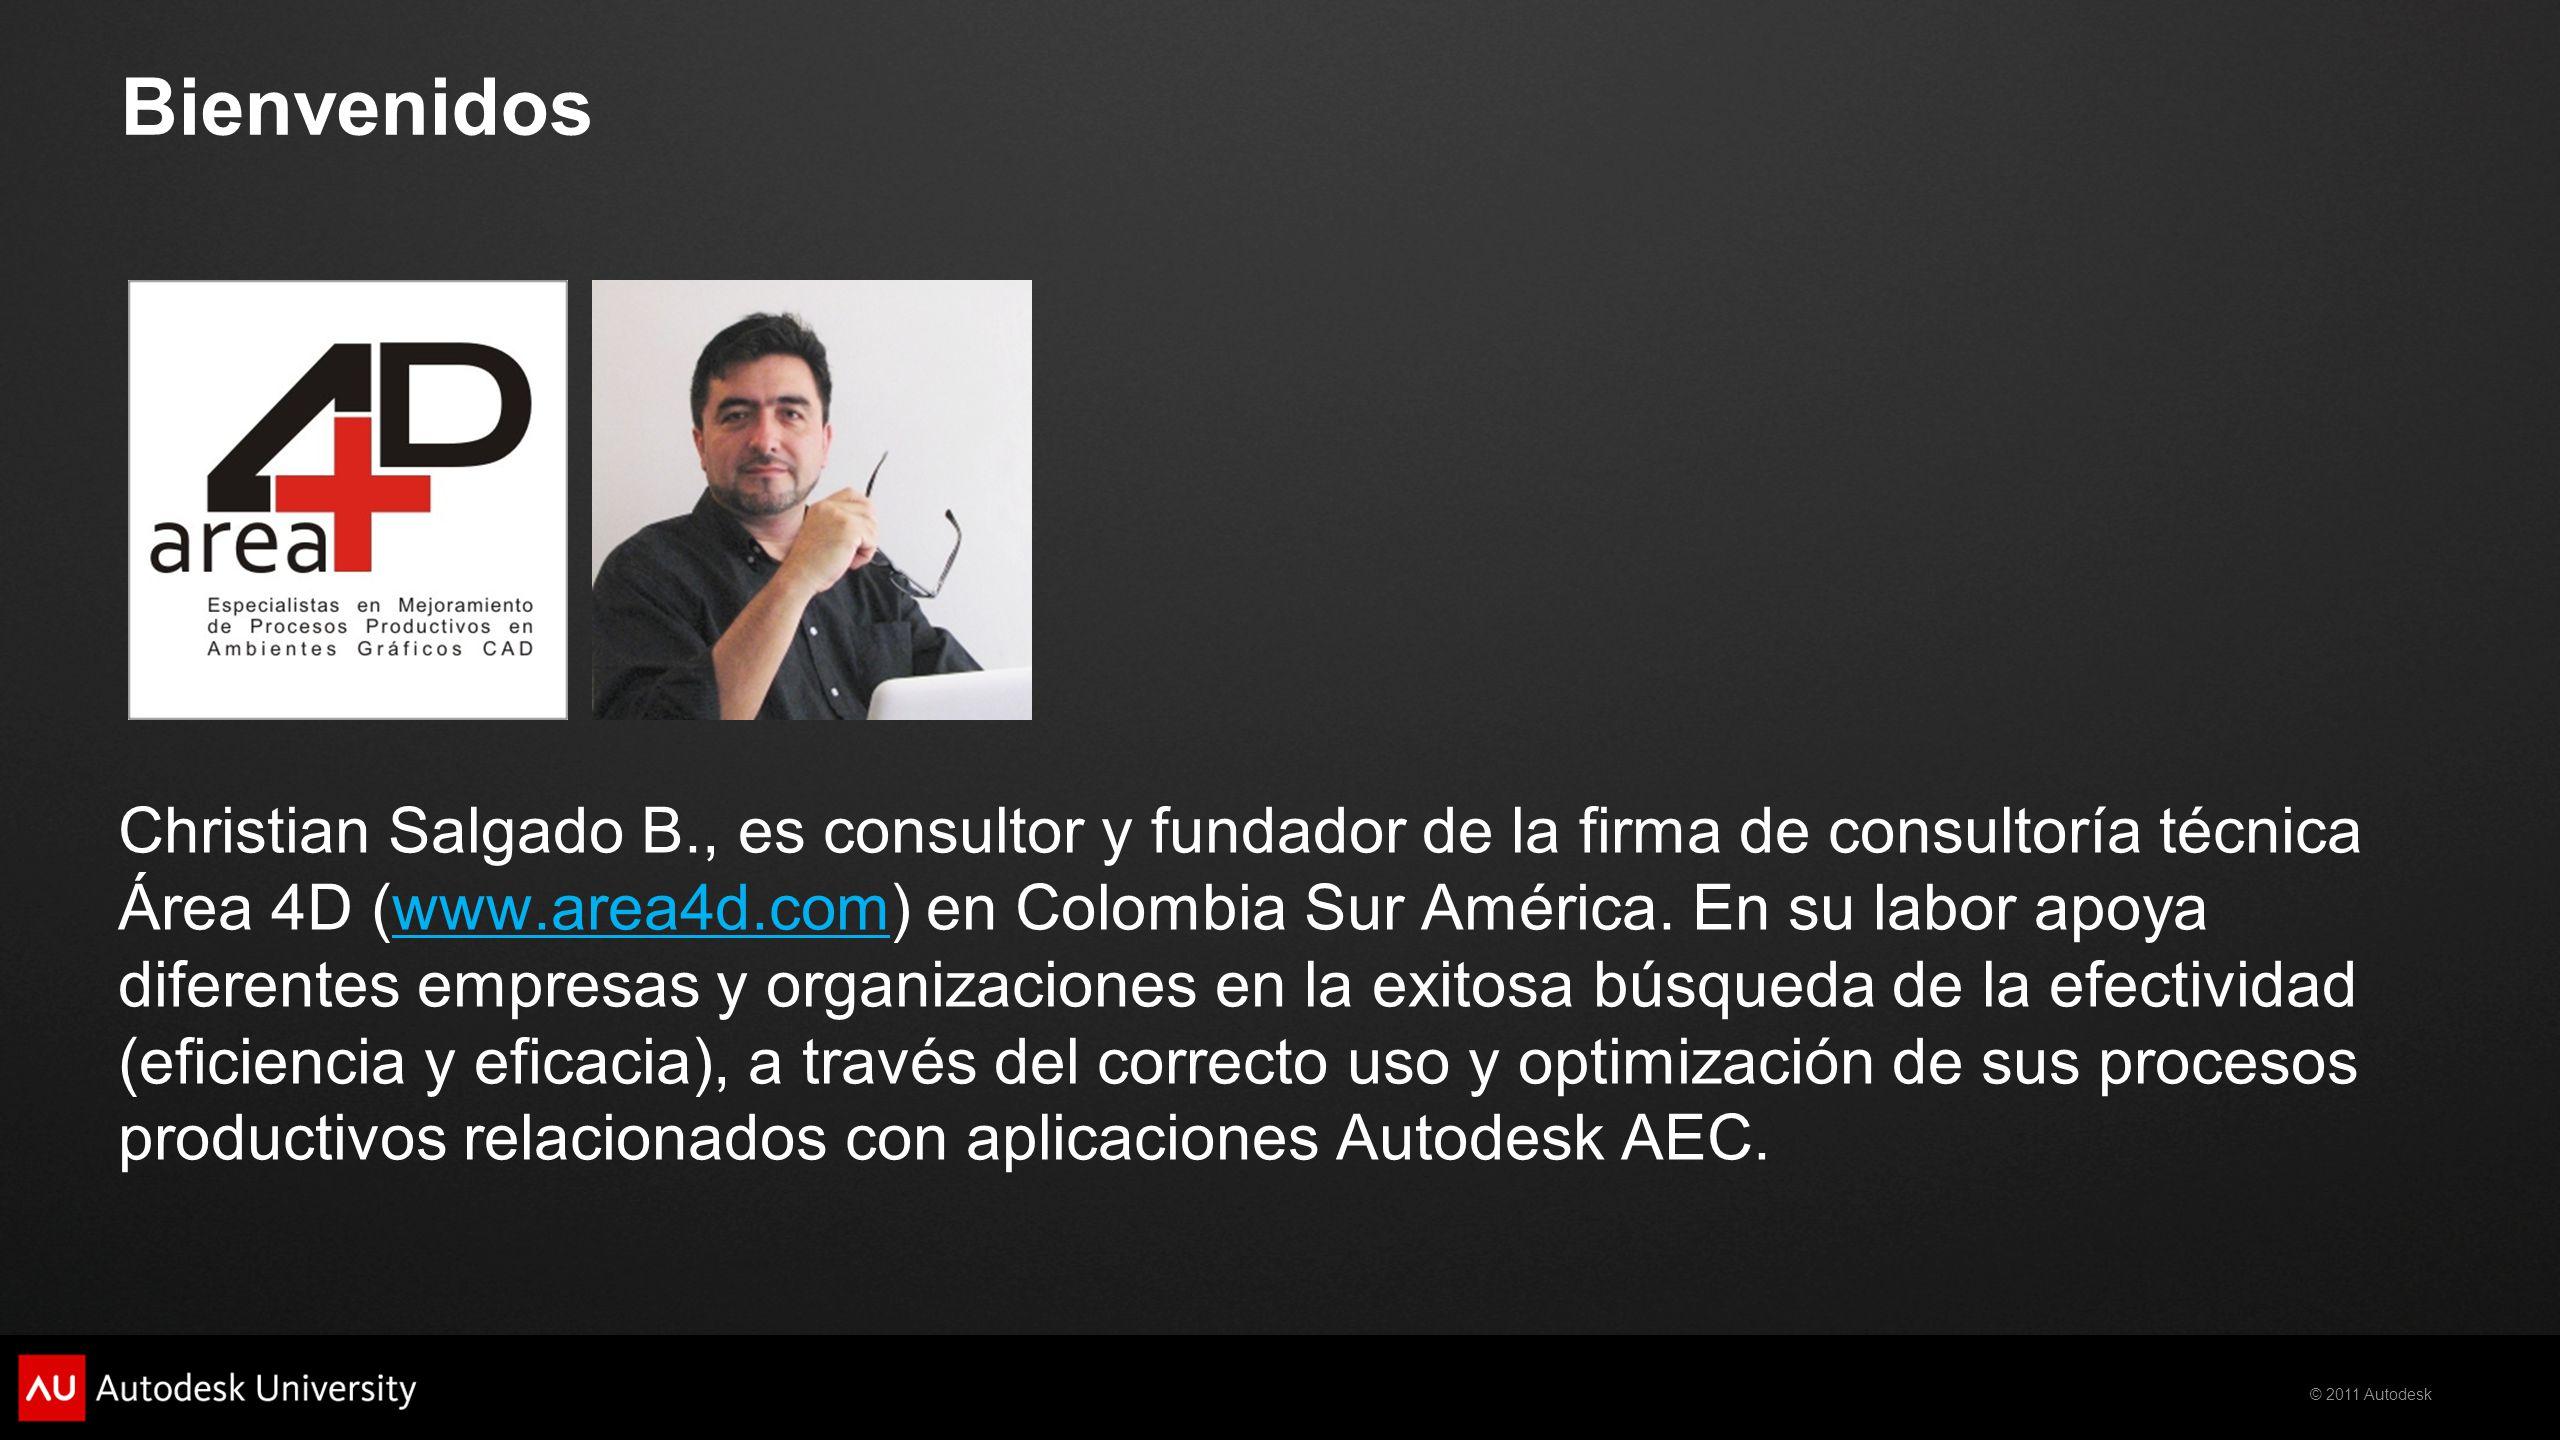 © 2011 Autodesk Bienvenidos Christian Salgado B., es consultor y fundador de la firma de consultoría técnica Área 4D (www.area4d.com) en Colombia Sur